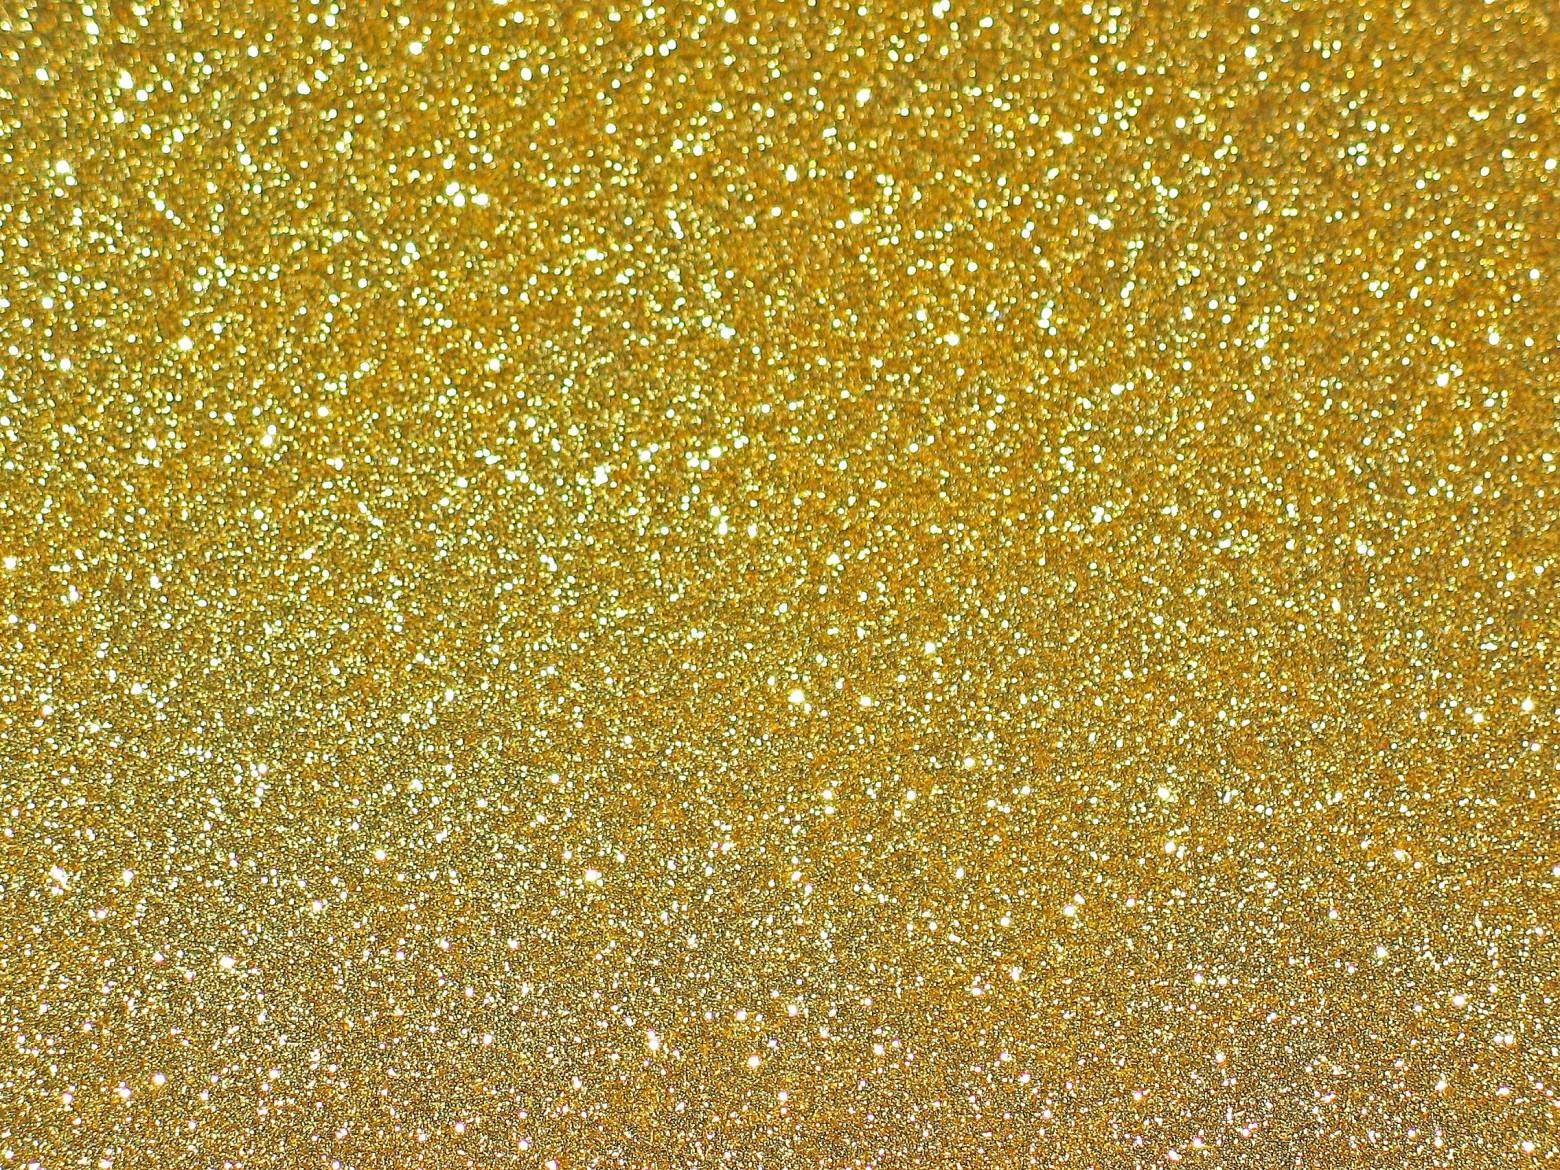 fond doré or brillant pailleté   images gratuites et libres de ...